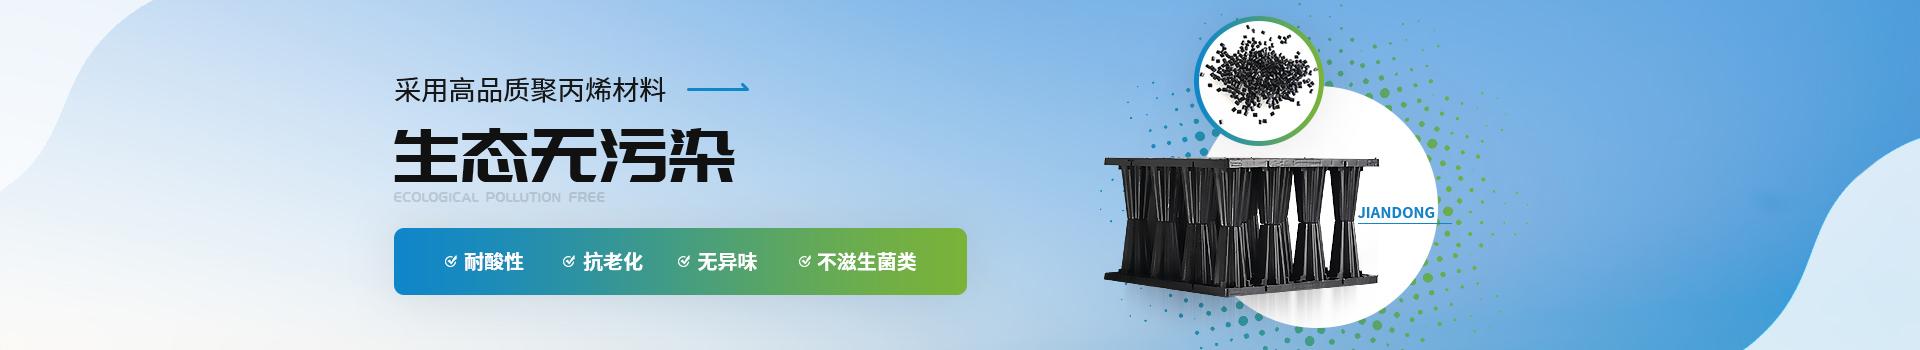 建东采用高品质聚丙烯材料生态无污染